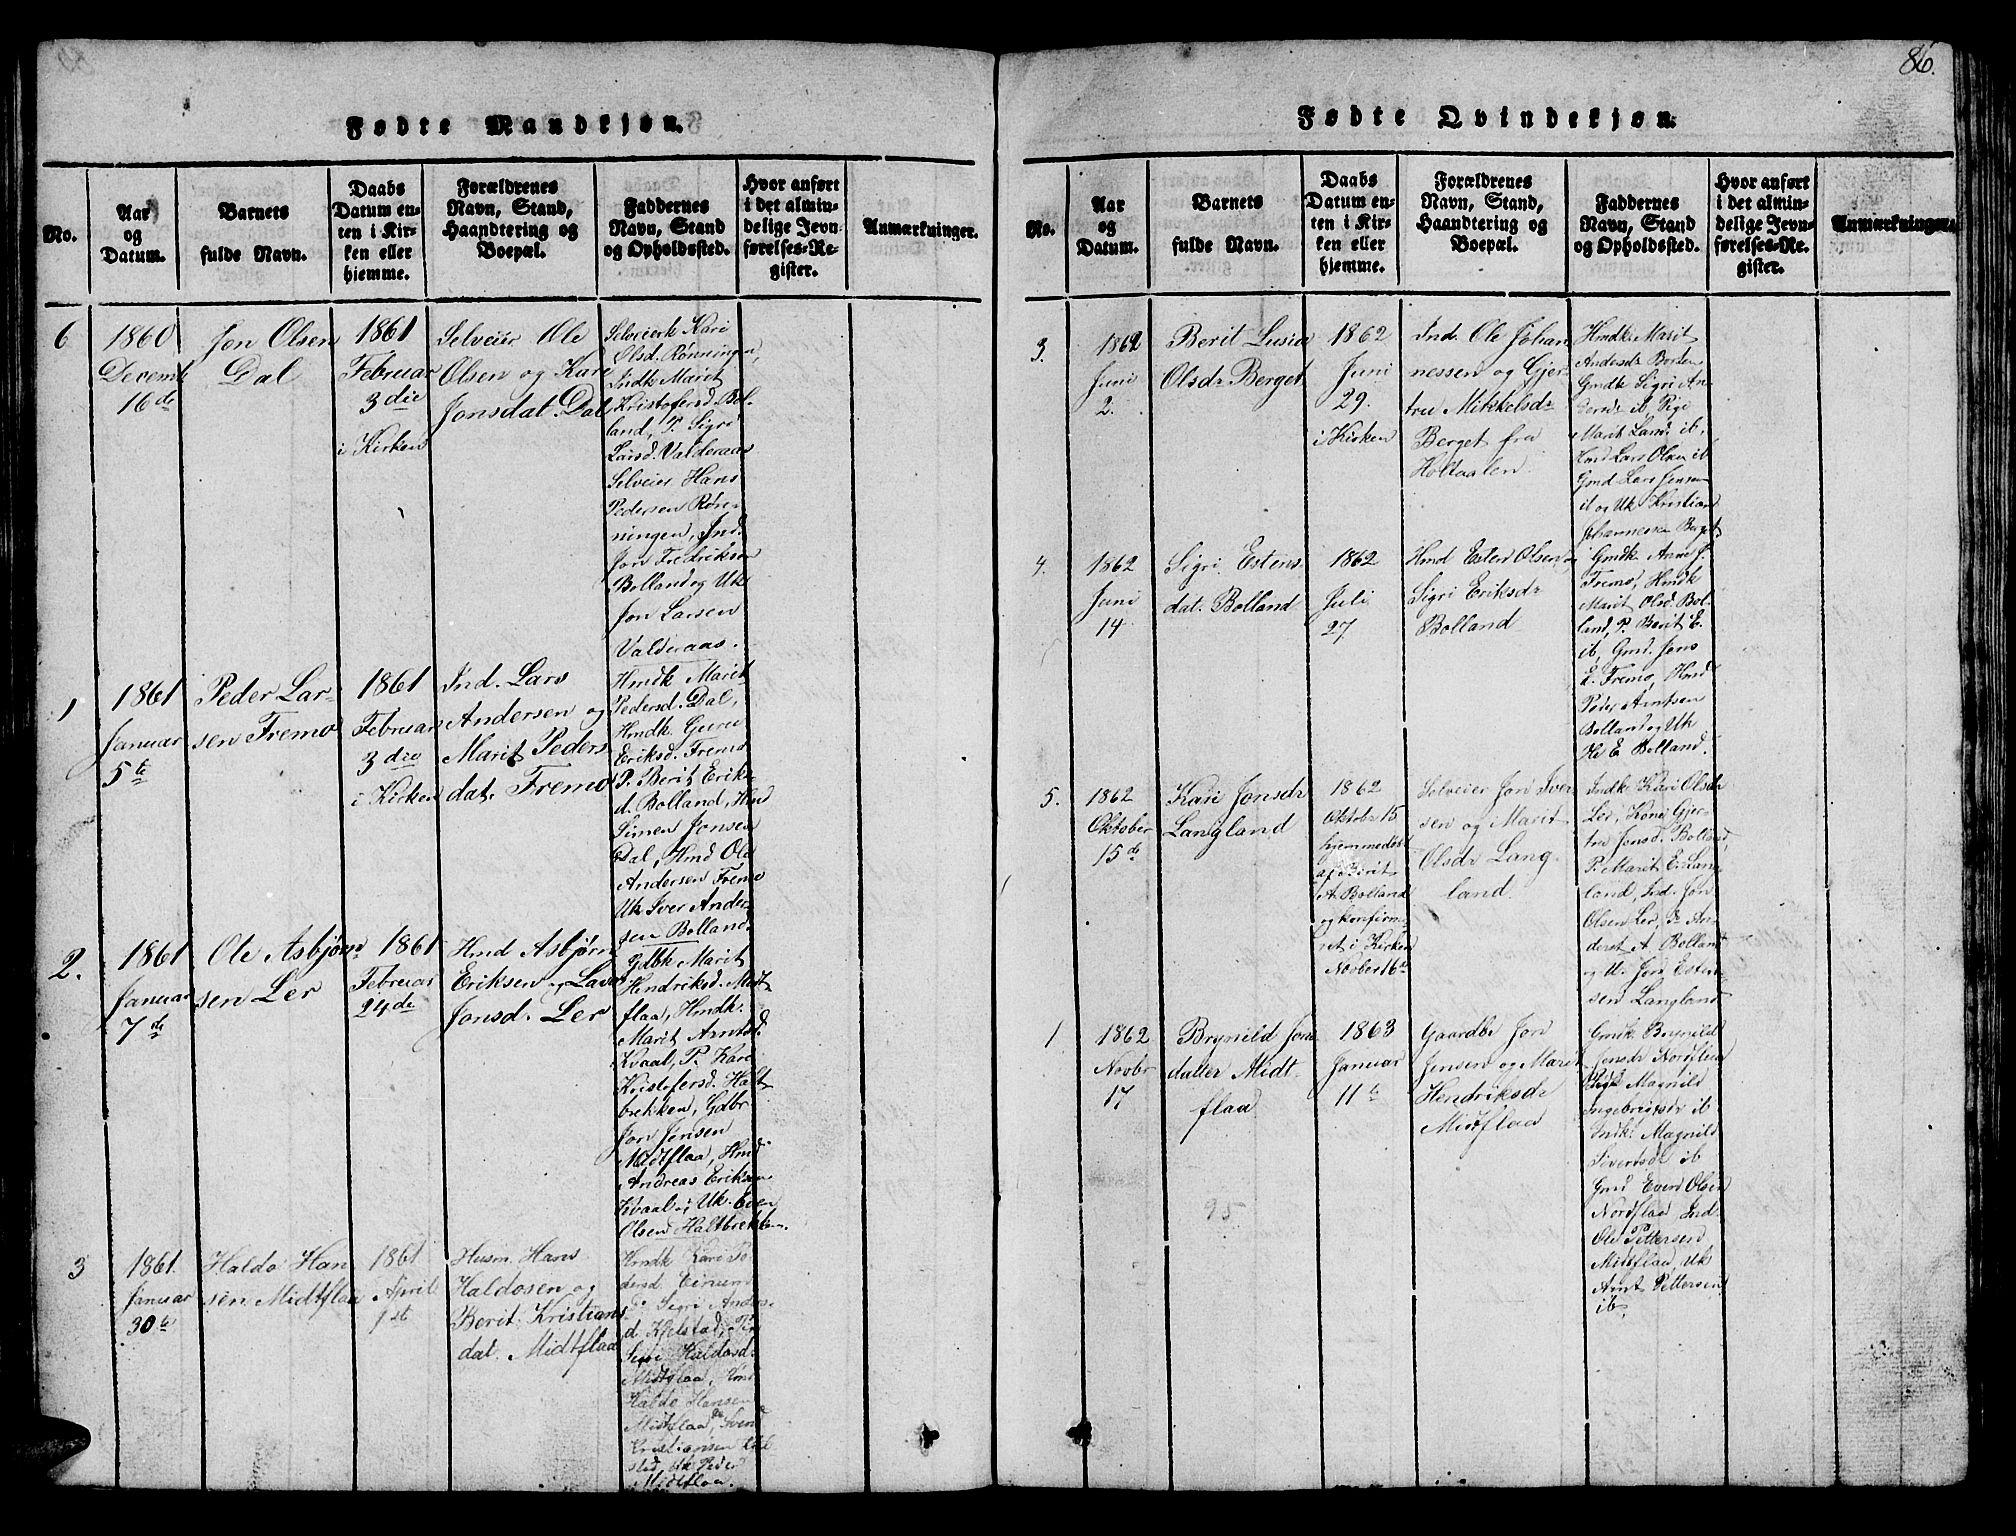 SAT, Ministerialprotokoller, klokkerbøker og fødselsregistre - Sør-Trøndelag, 693/L1121: Klokkerbok nr. 693C02, 1816-1869, s. 86